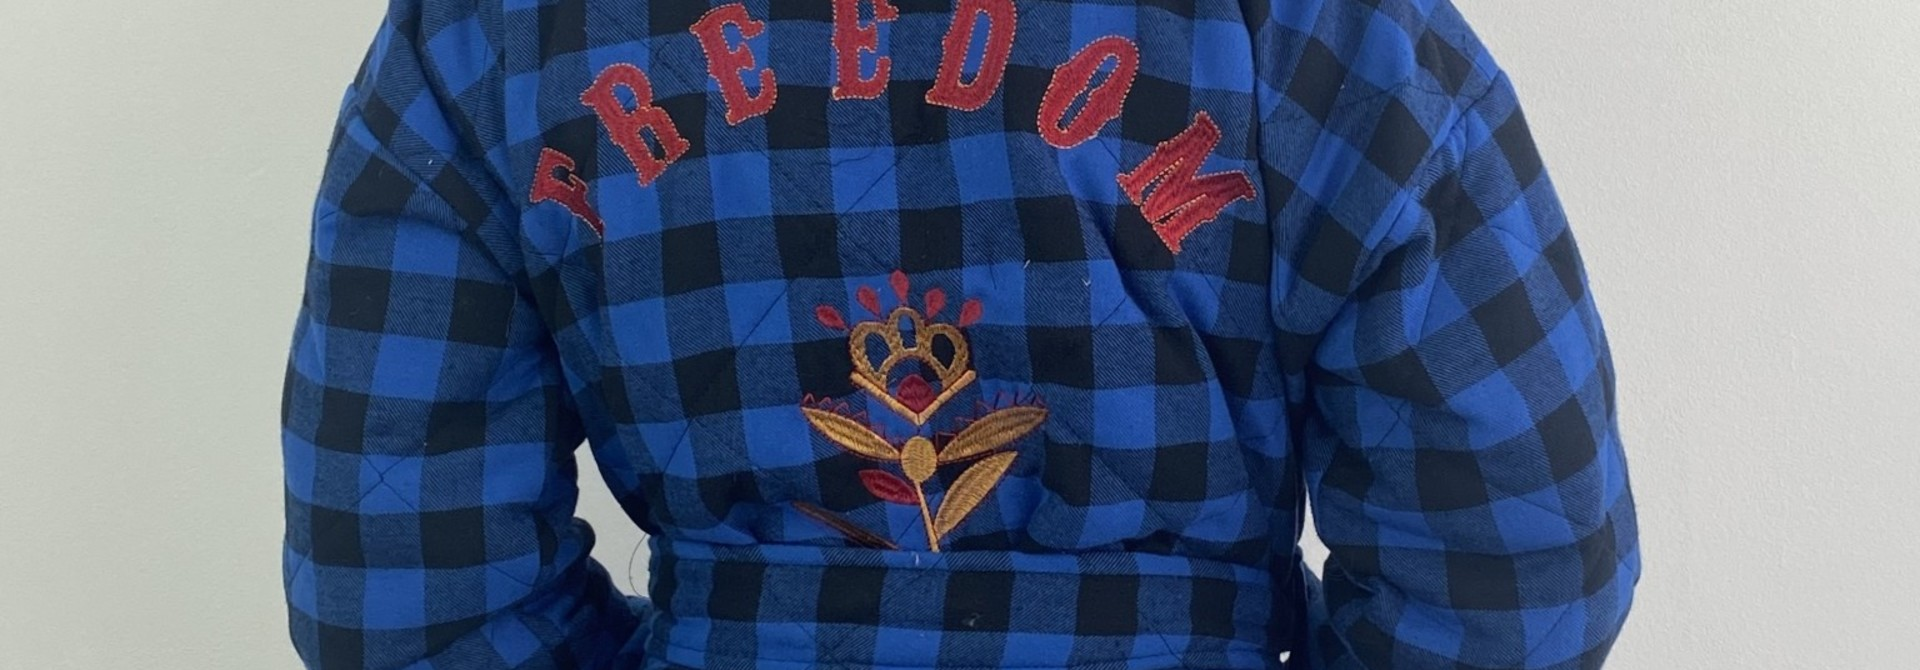 Toya padded kimono blazer Cobalt Check